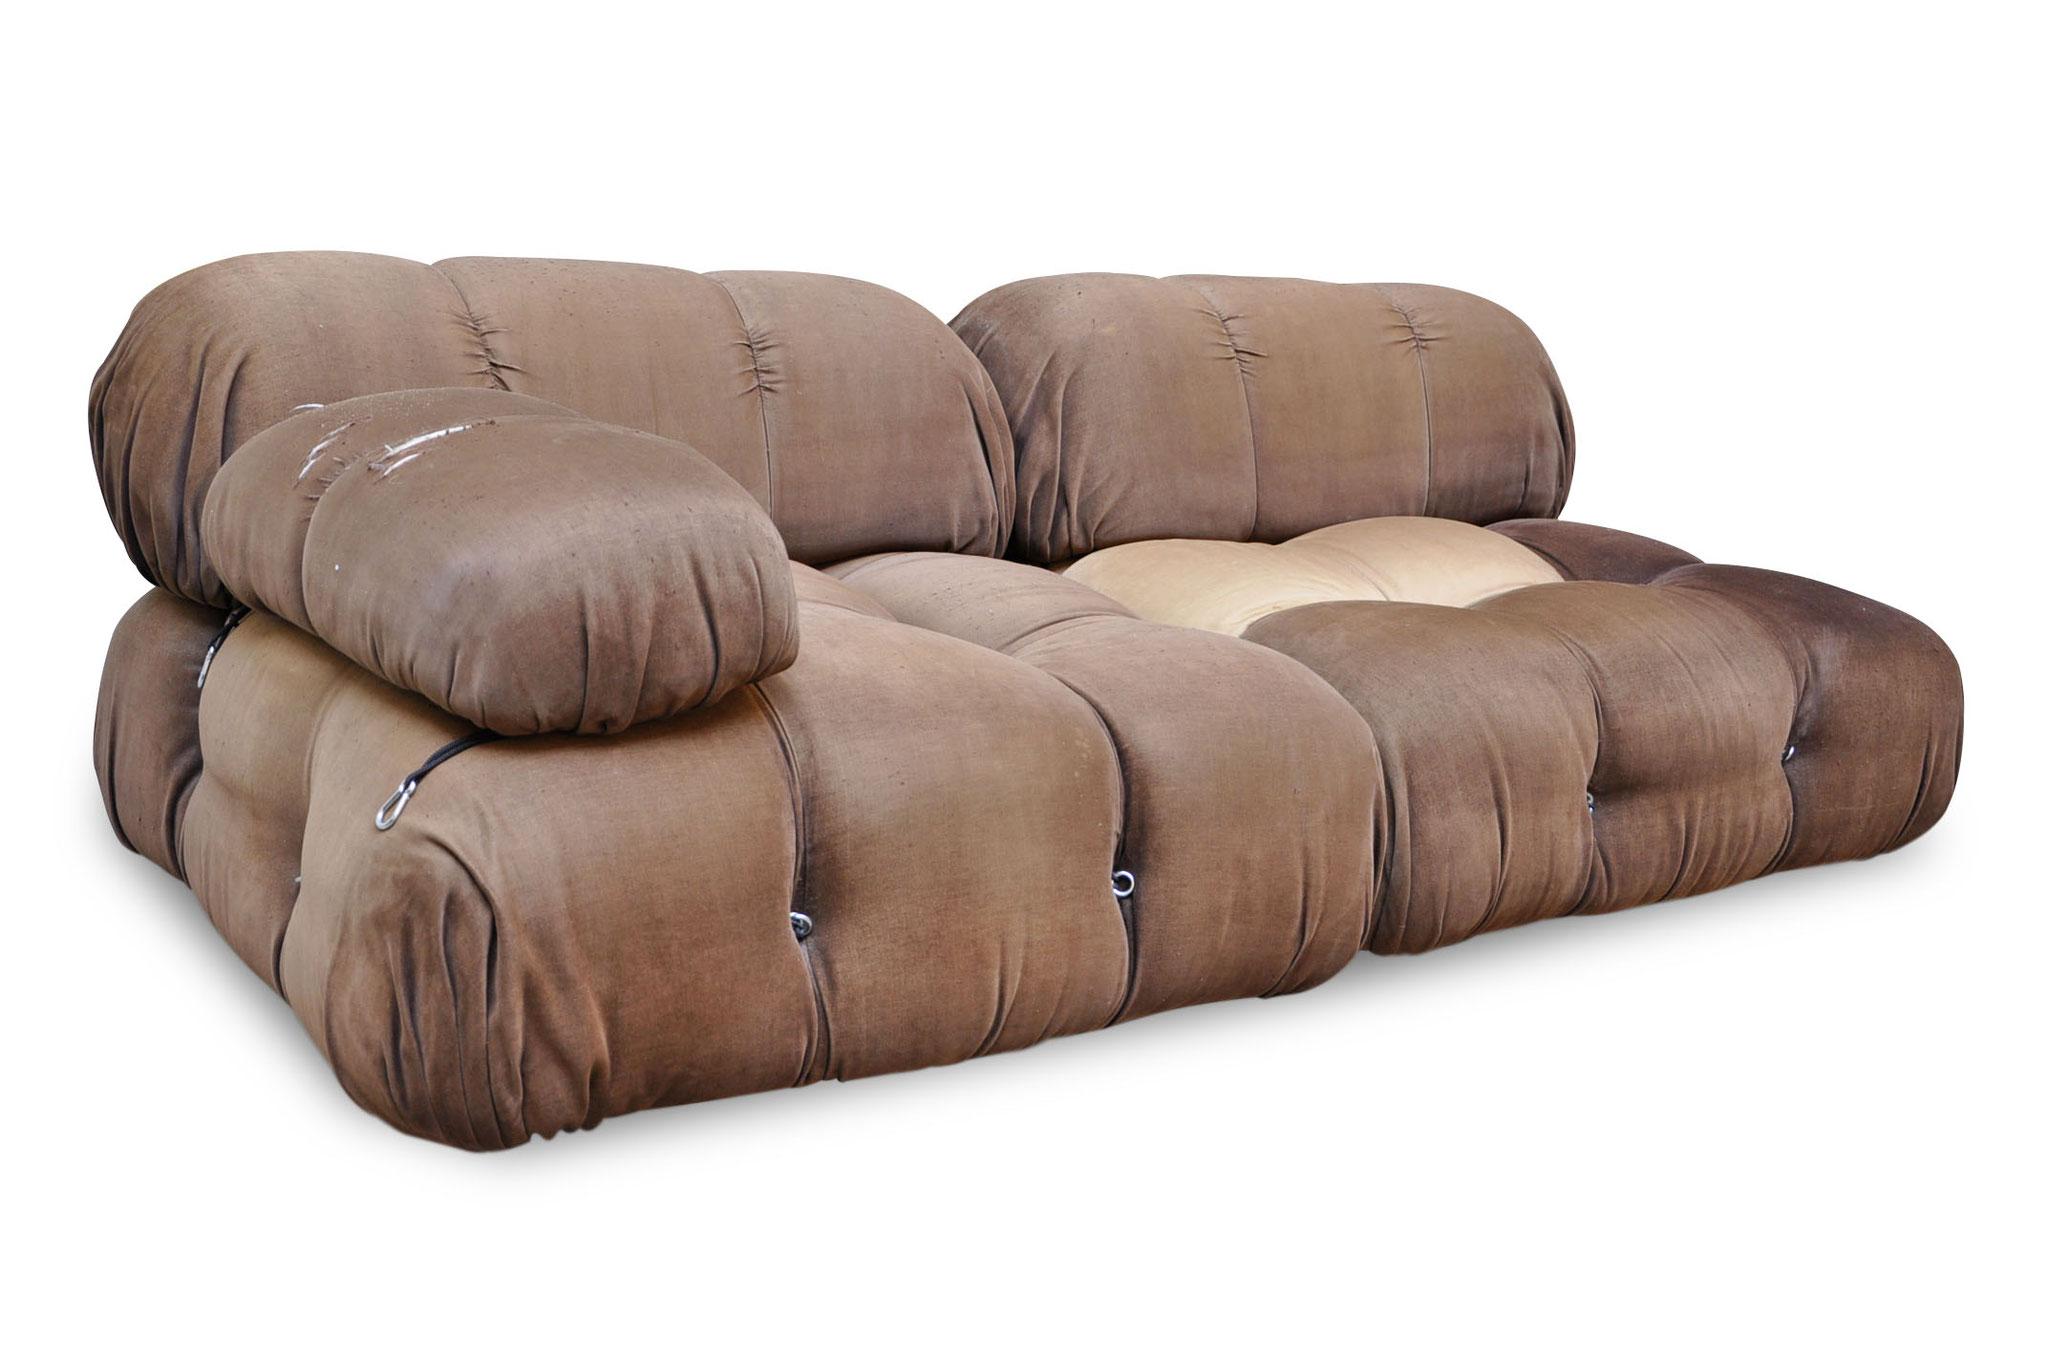 divano camaleonda beb